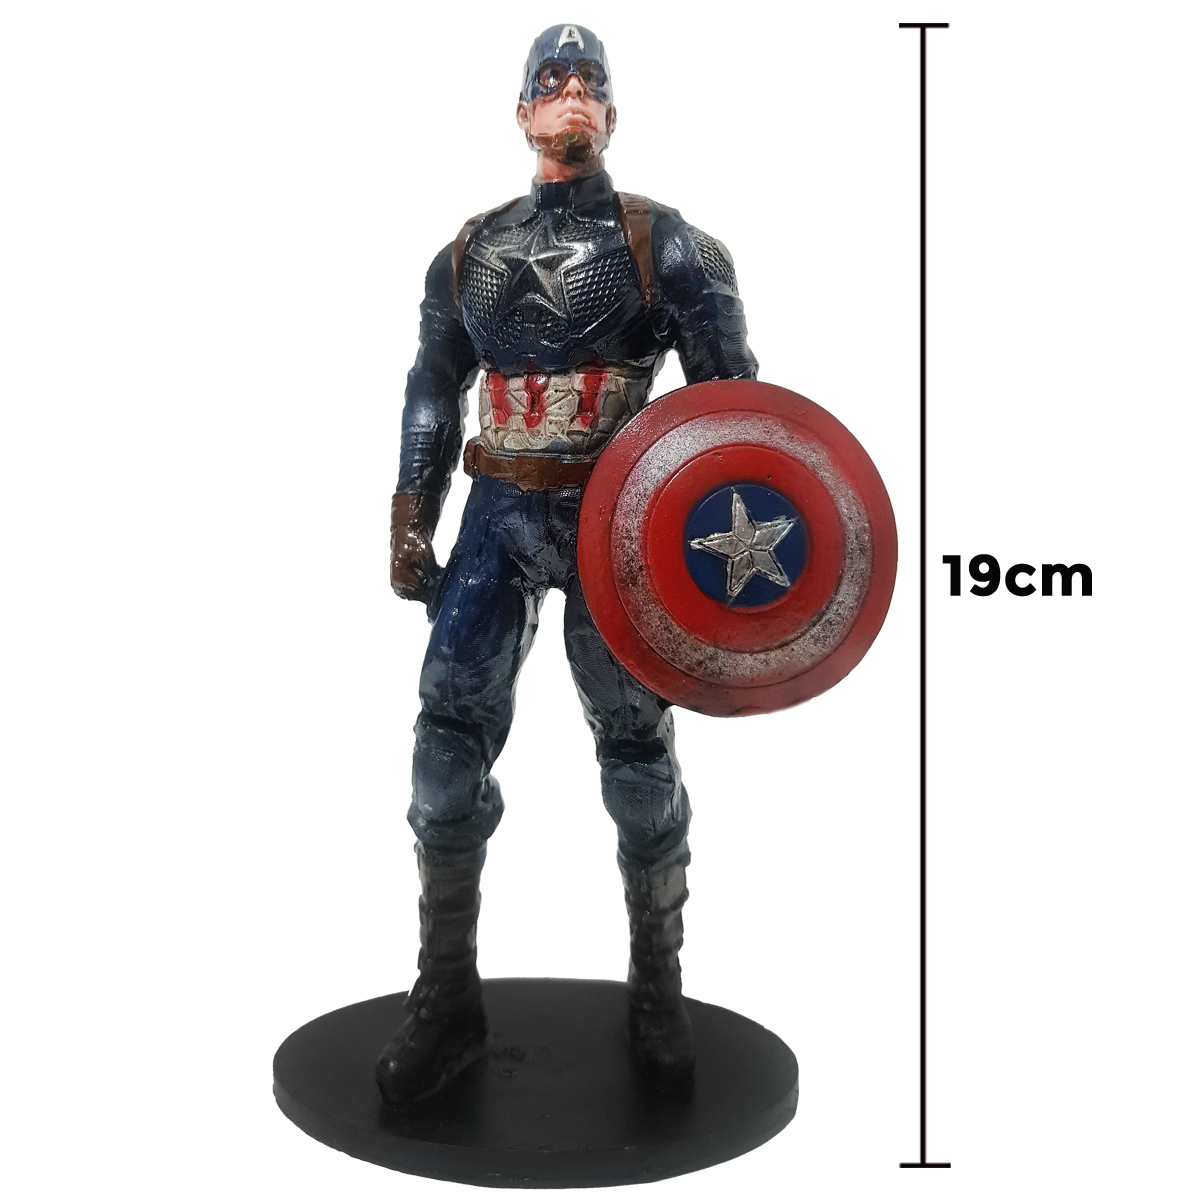 Boneco Action Figure Capitão América 19cm